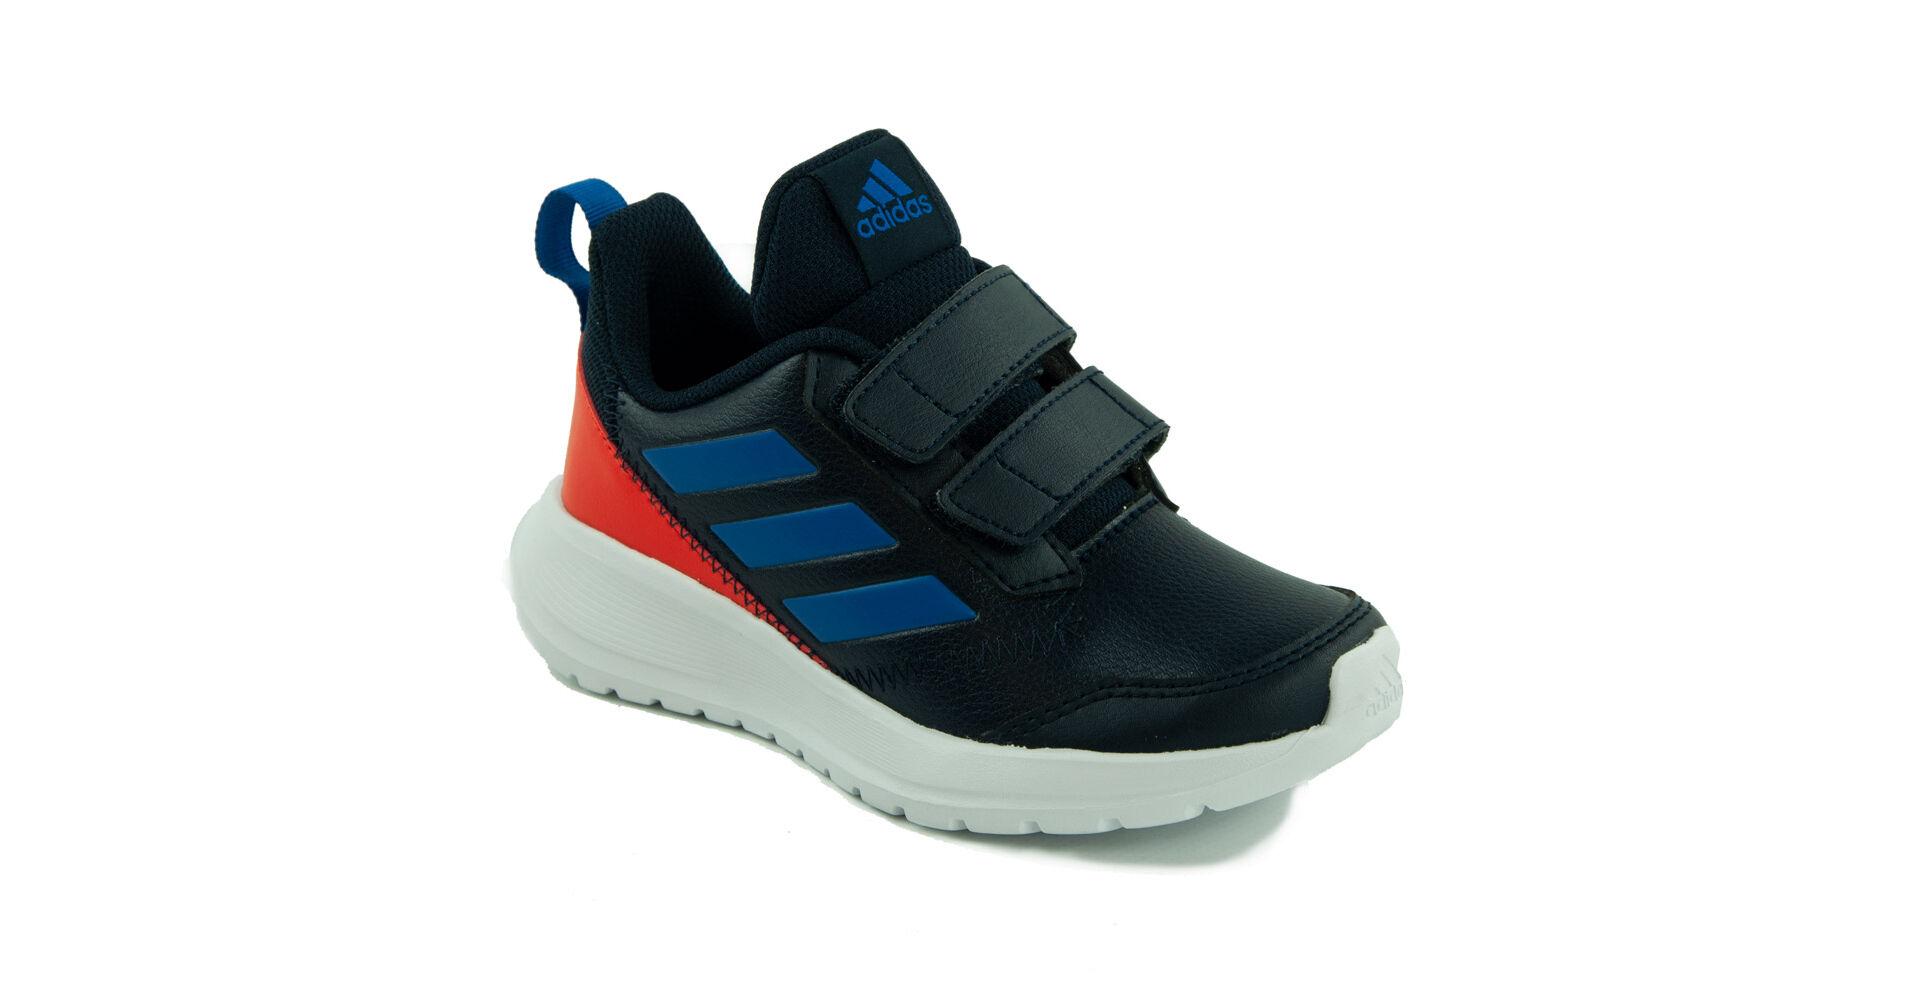 GyerekFiú cipő sportcipő 29 es Adidas